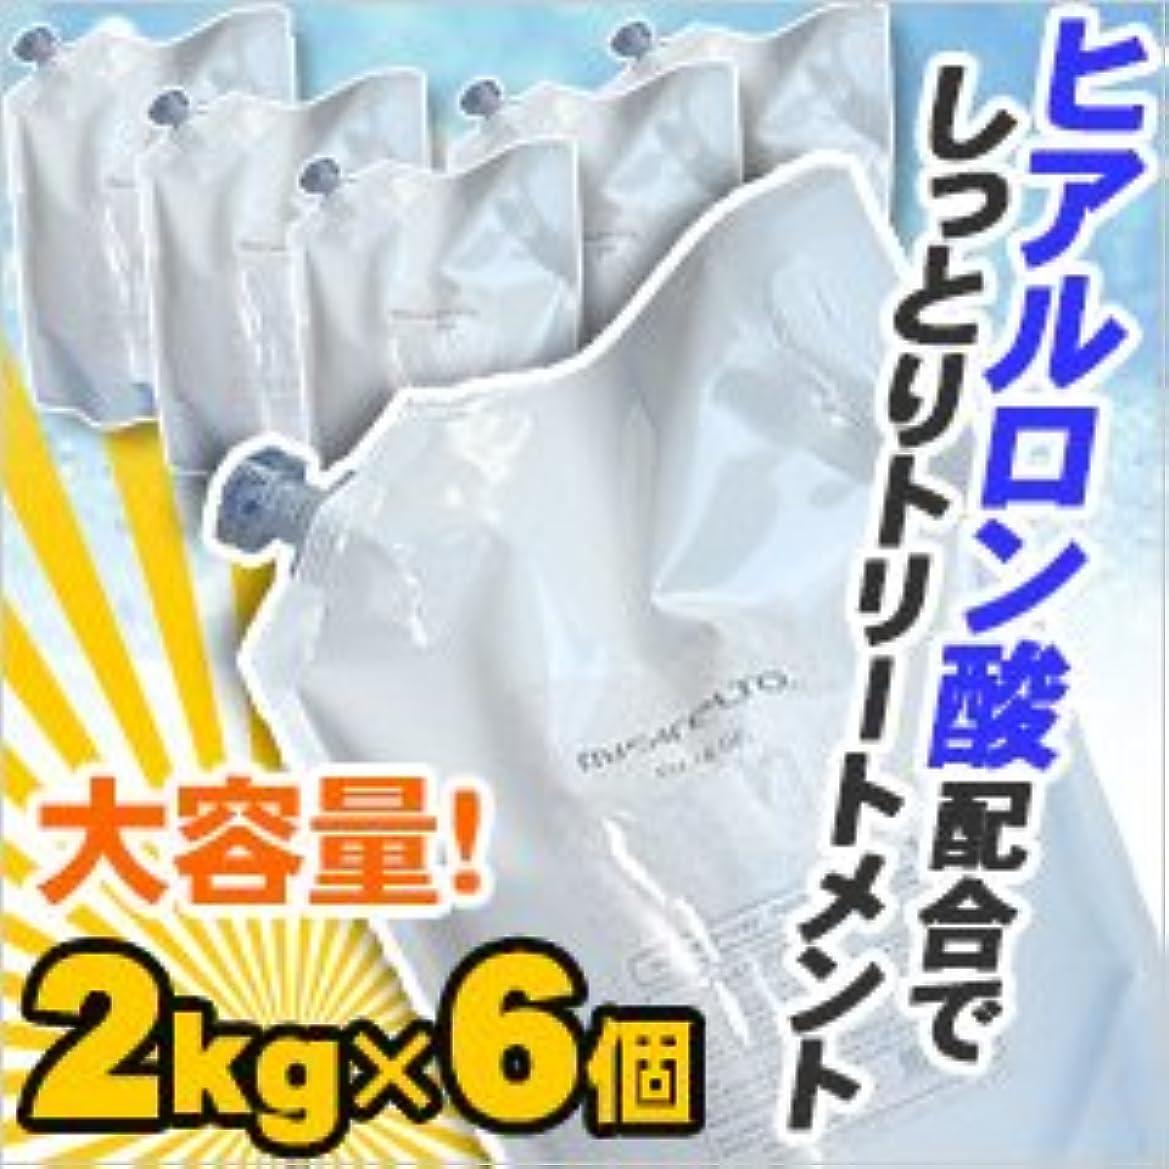 無臭クライマックス前売国産 CLEARジェル2kg×6個  【脱毛?キャビ?フォト?ソニック用マルチジェル】